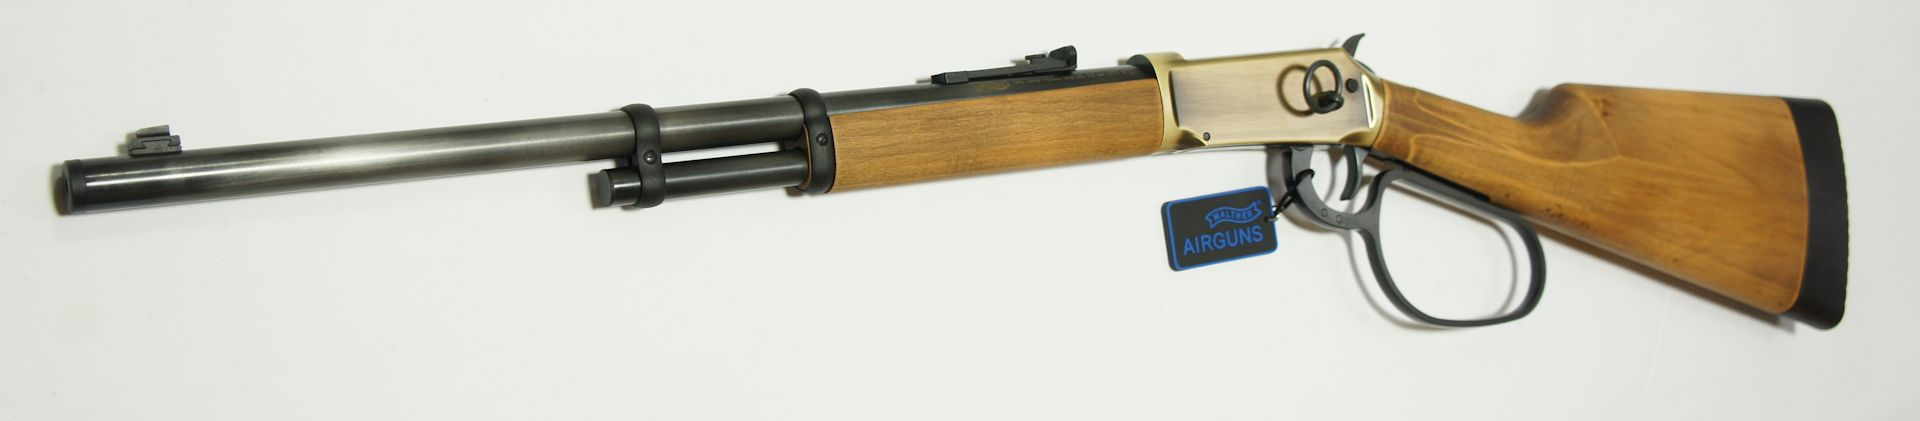 CO2 Winchester, Walther Lever Action Duke,  / Das Visier entspricht dem historischen Vorbild und ist in der Höhe verstellbar.